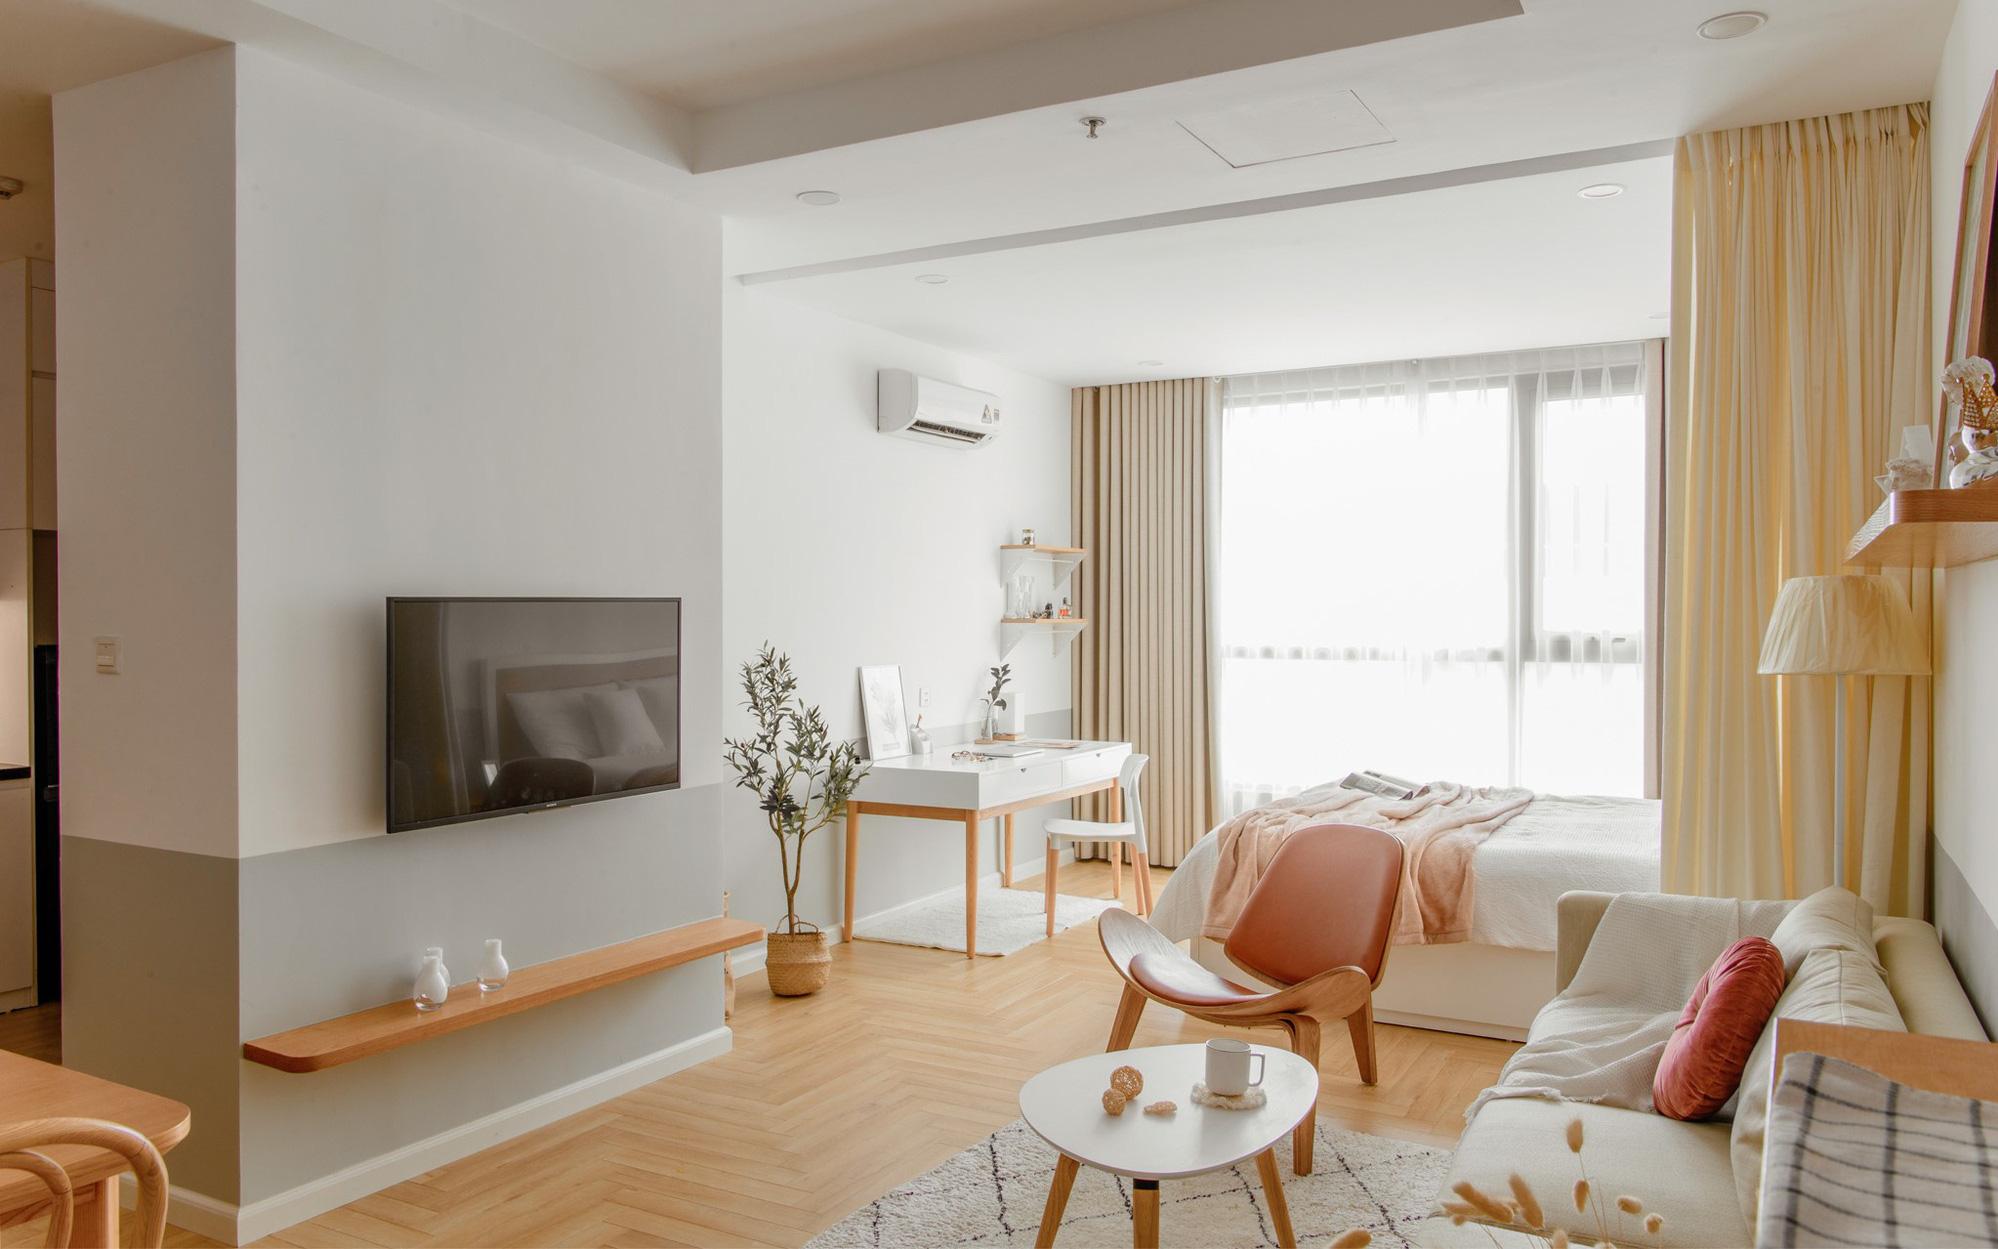 Giám đốc sáng tạo còn độc thân chi 170 triệu decor nhà, nhìn là thấy tiền nào của nấy